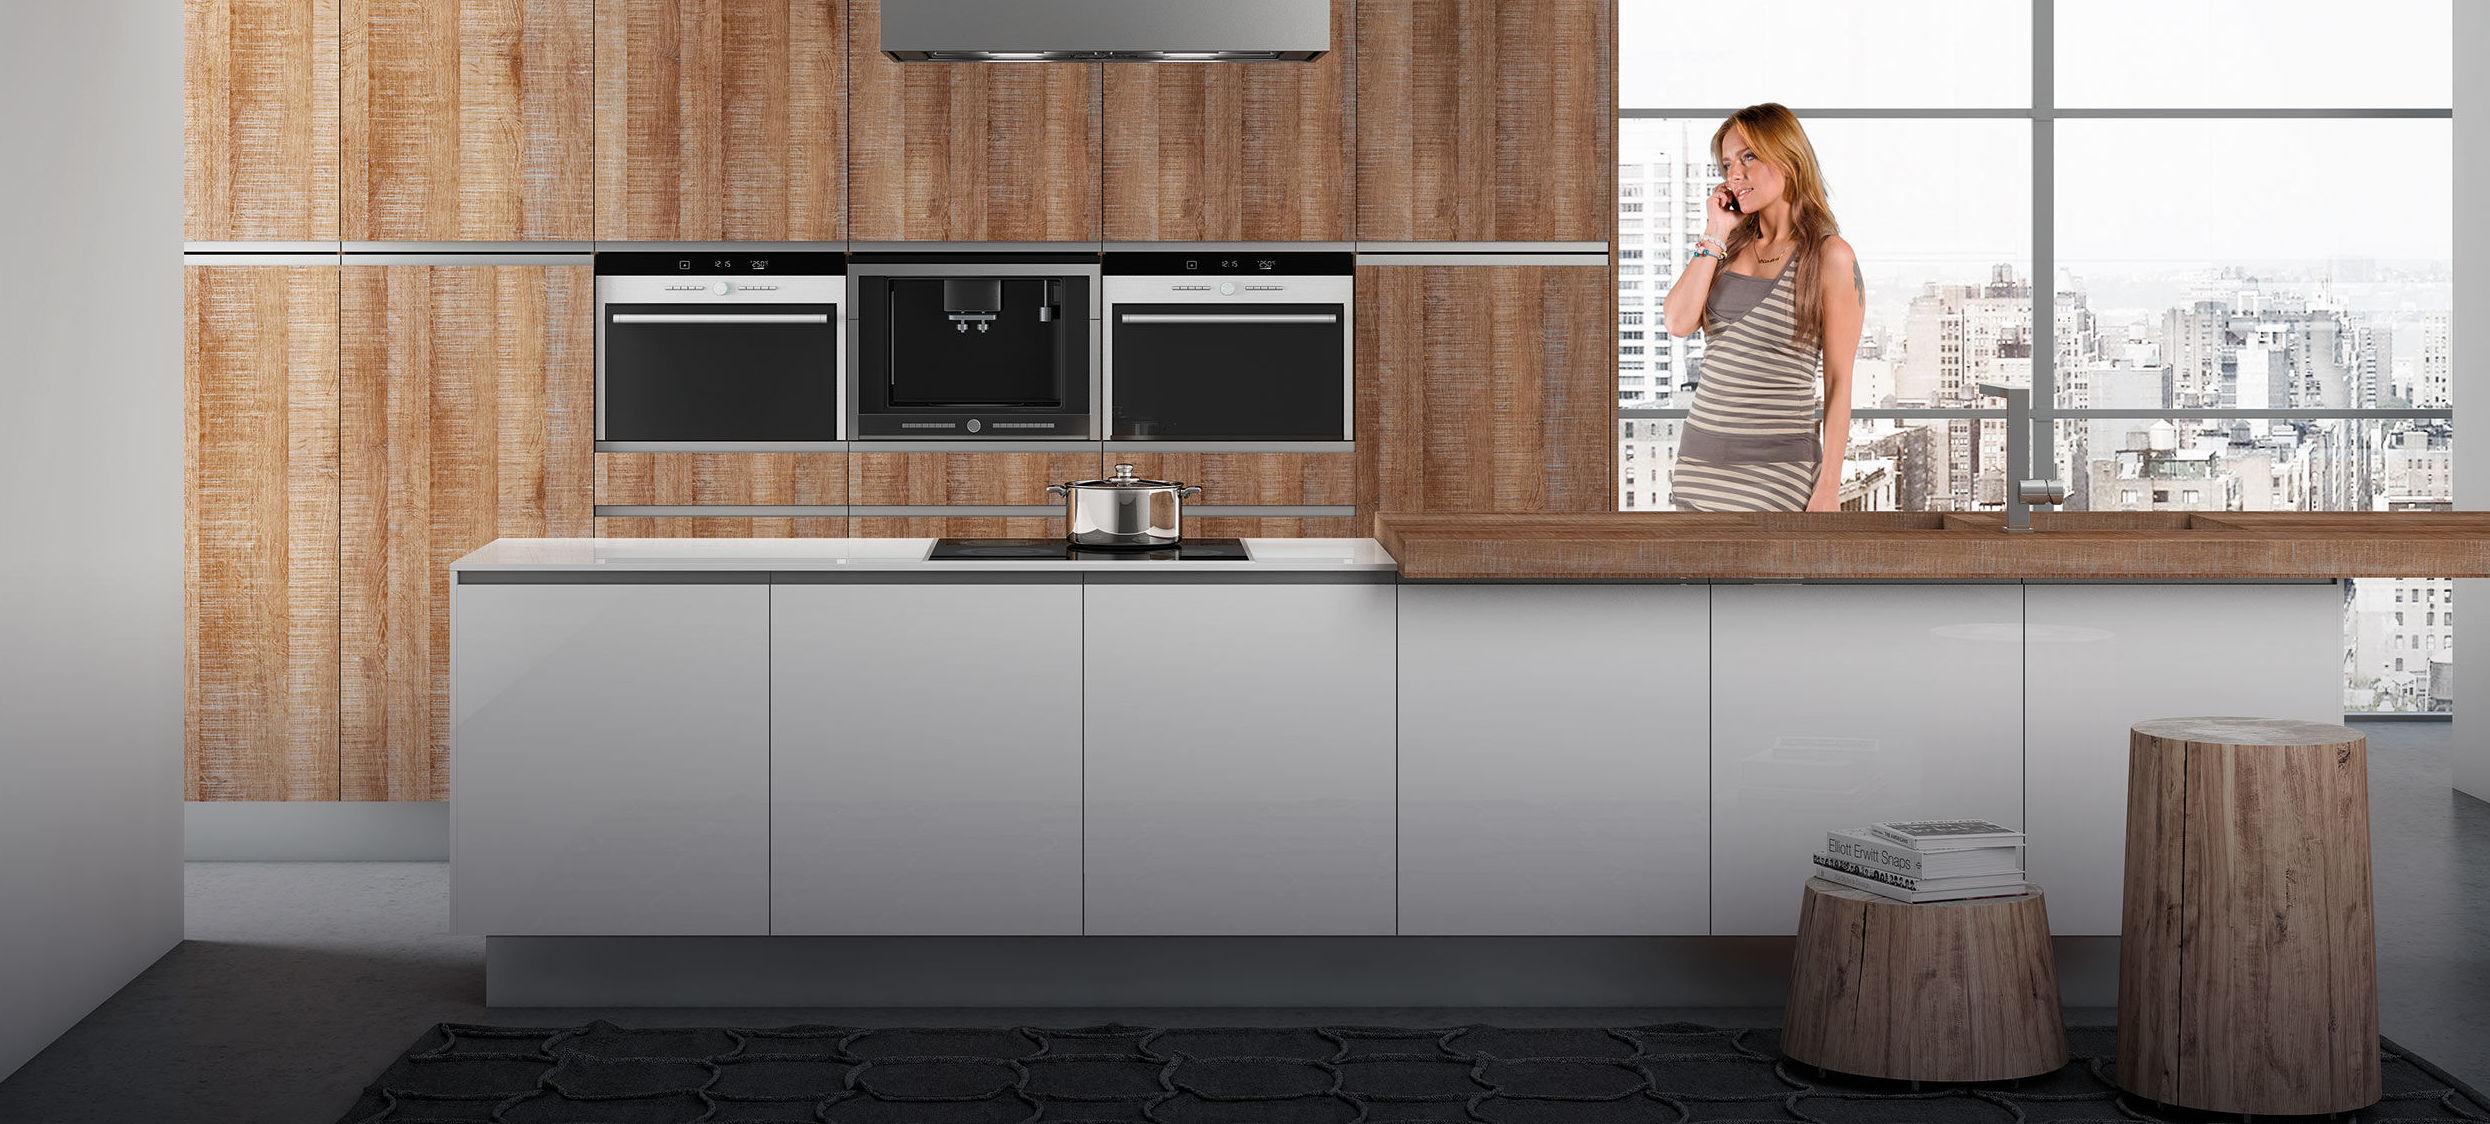 Bonito muebles de cocina en vitoria galer a de im genes - Muebles baratos en vitoria ...